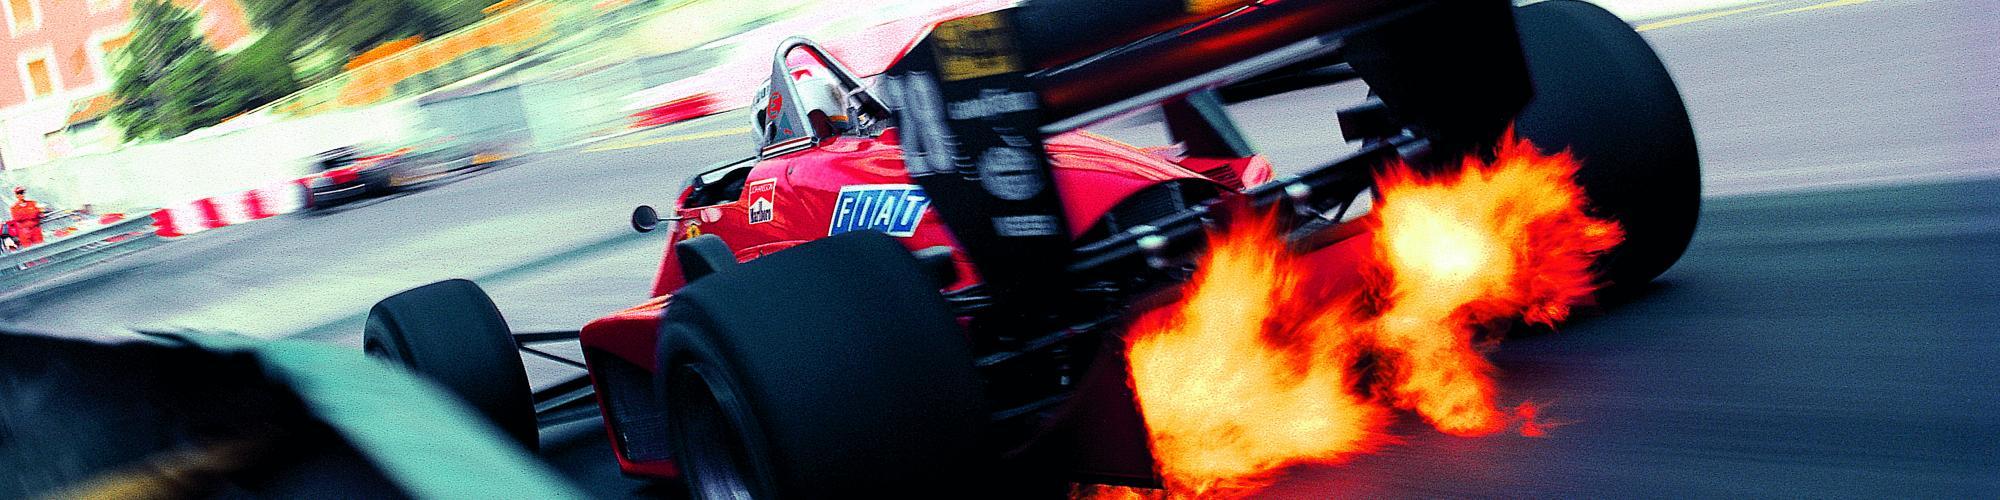 Motorsport.com Nederland cover image